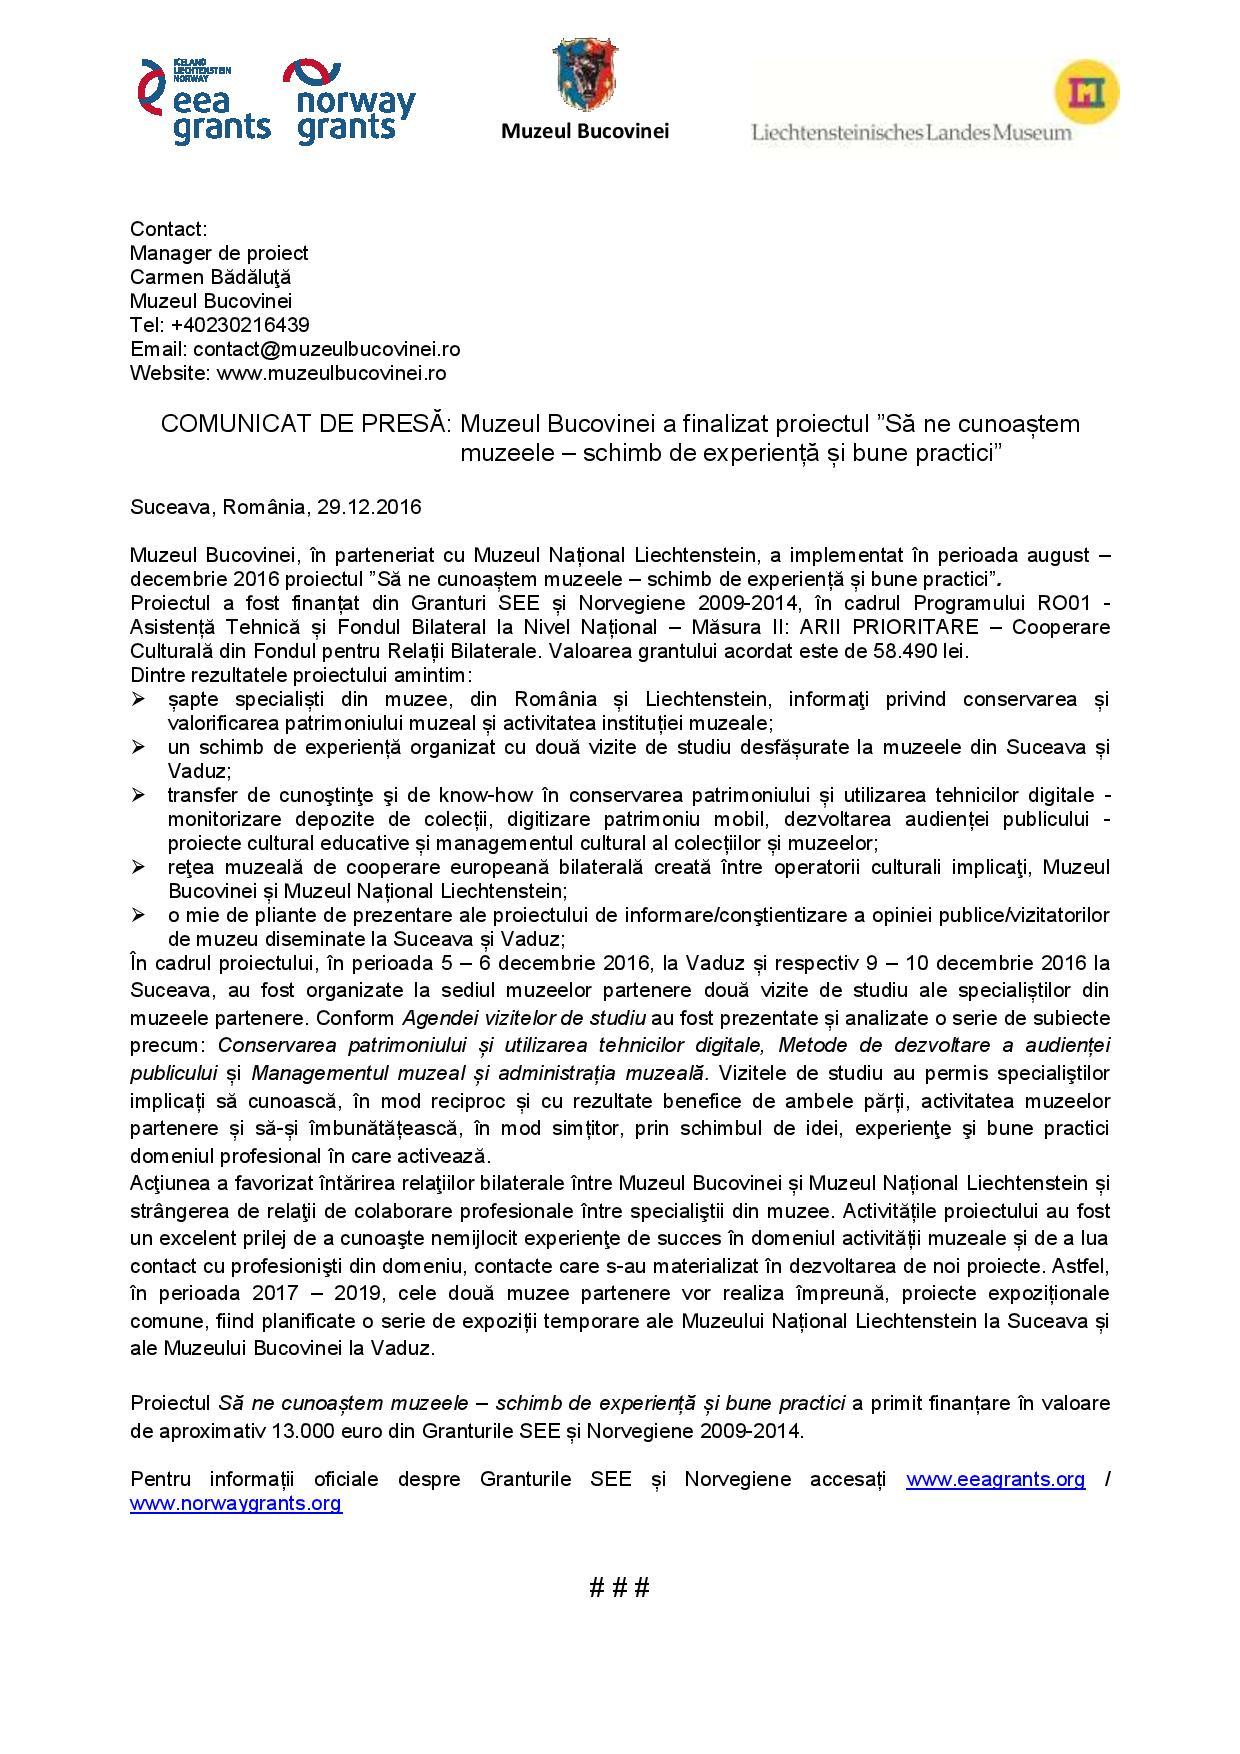 comunicat-proiect-muzeul-bucovinei-page-001